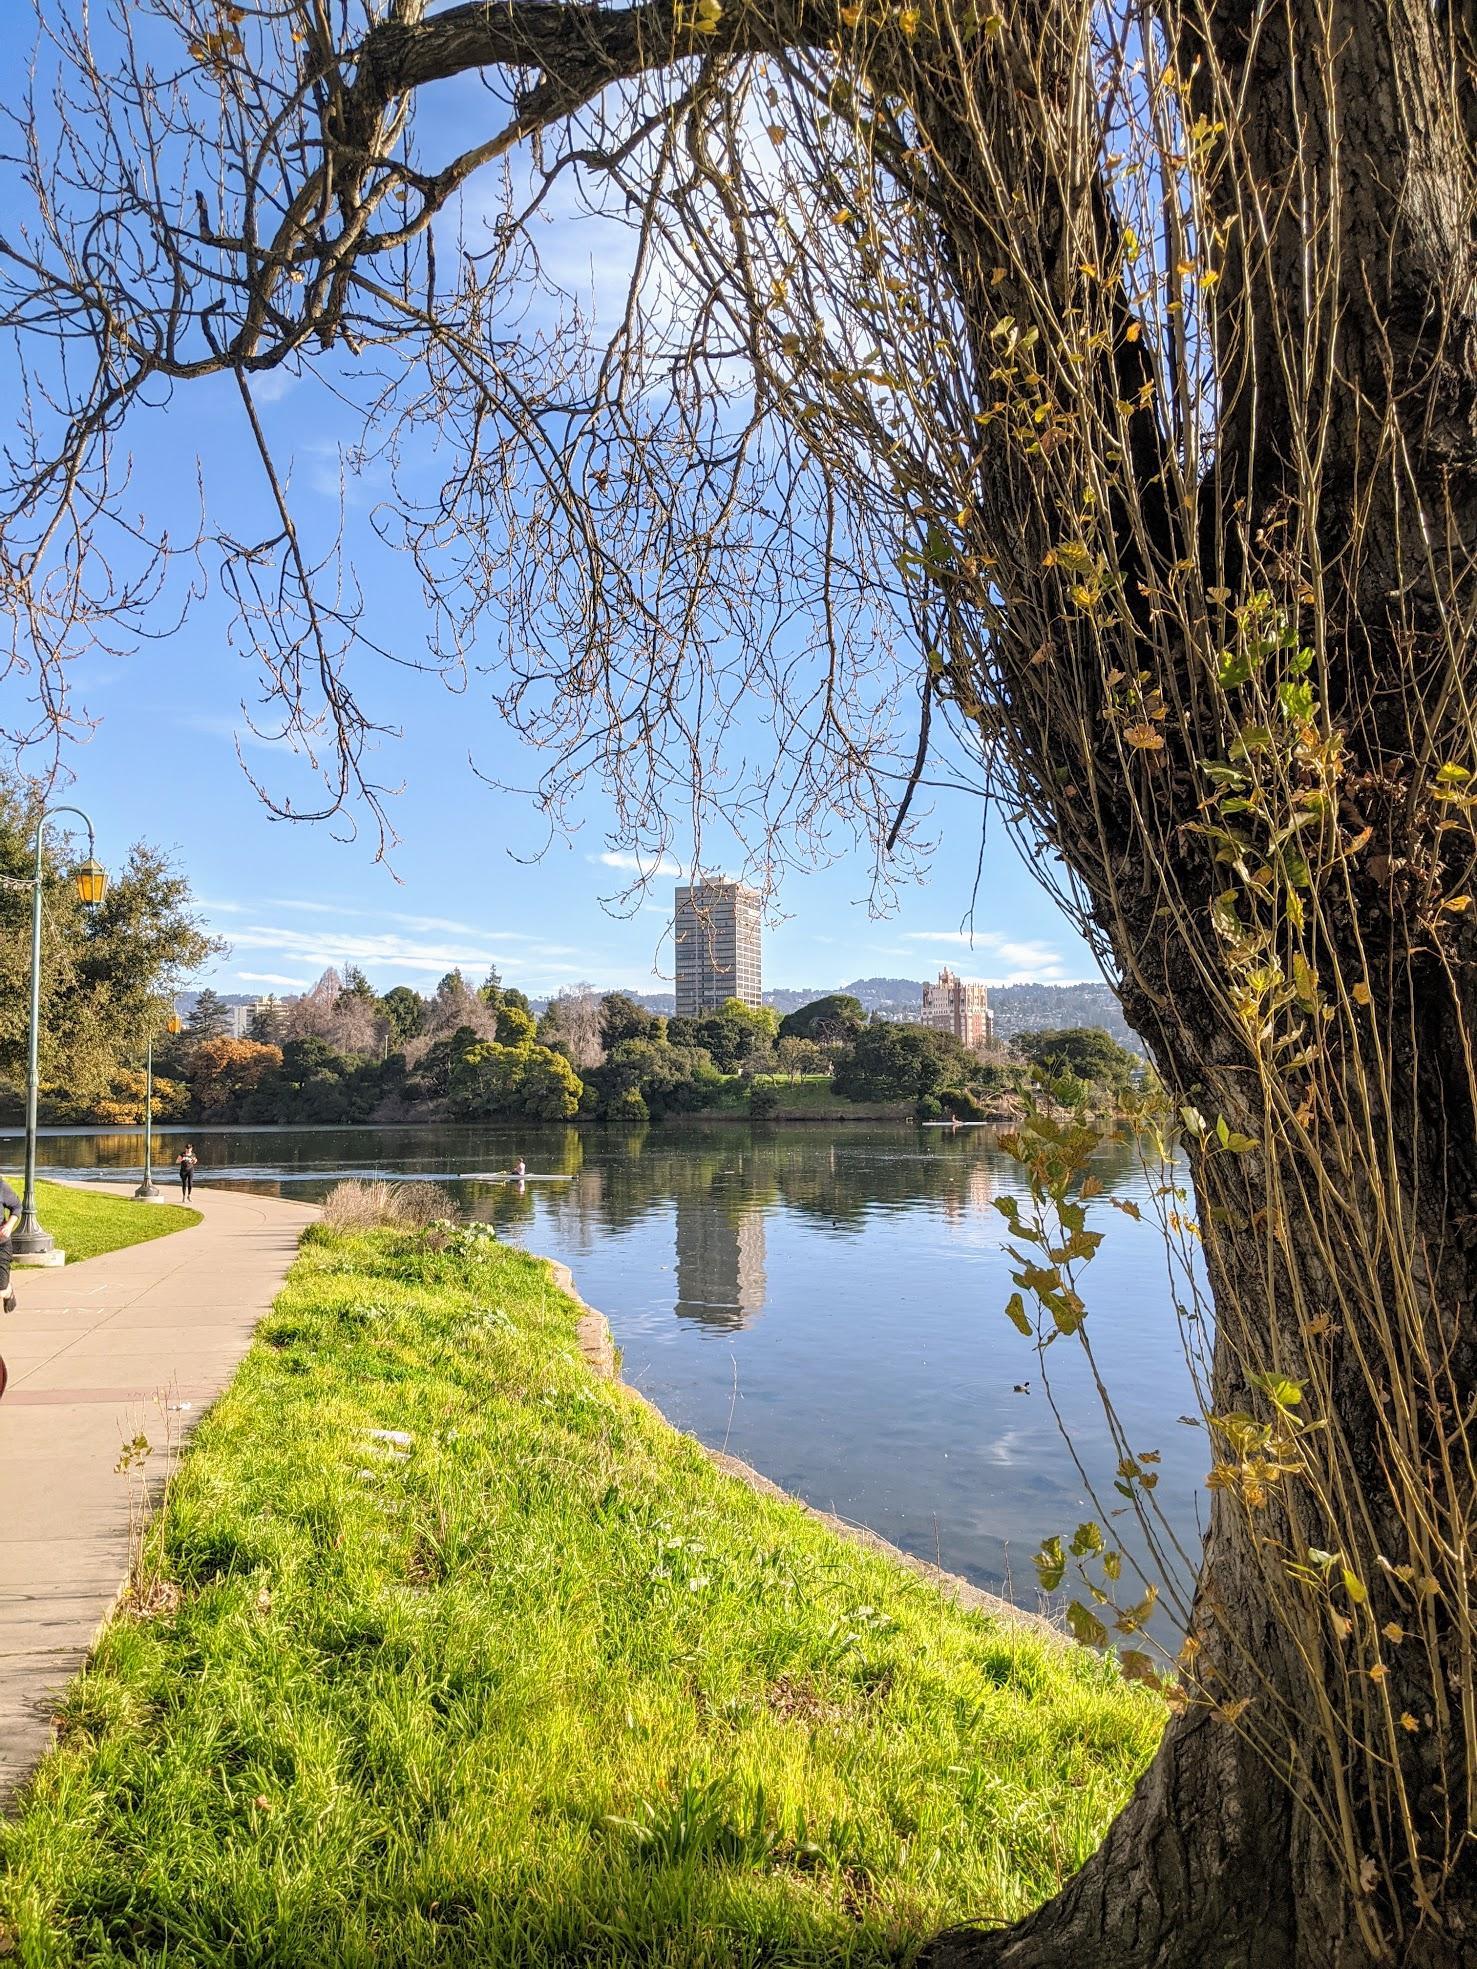 Lake Merritt a Oakland, CA. Il giro del lago sono esattamente 5 km. Percorso perfetto per una corsetta rilassata la domenica mattina.